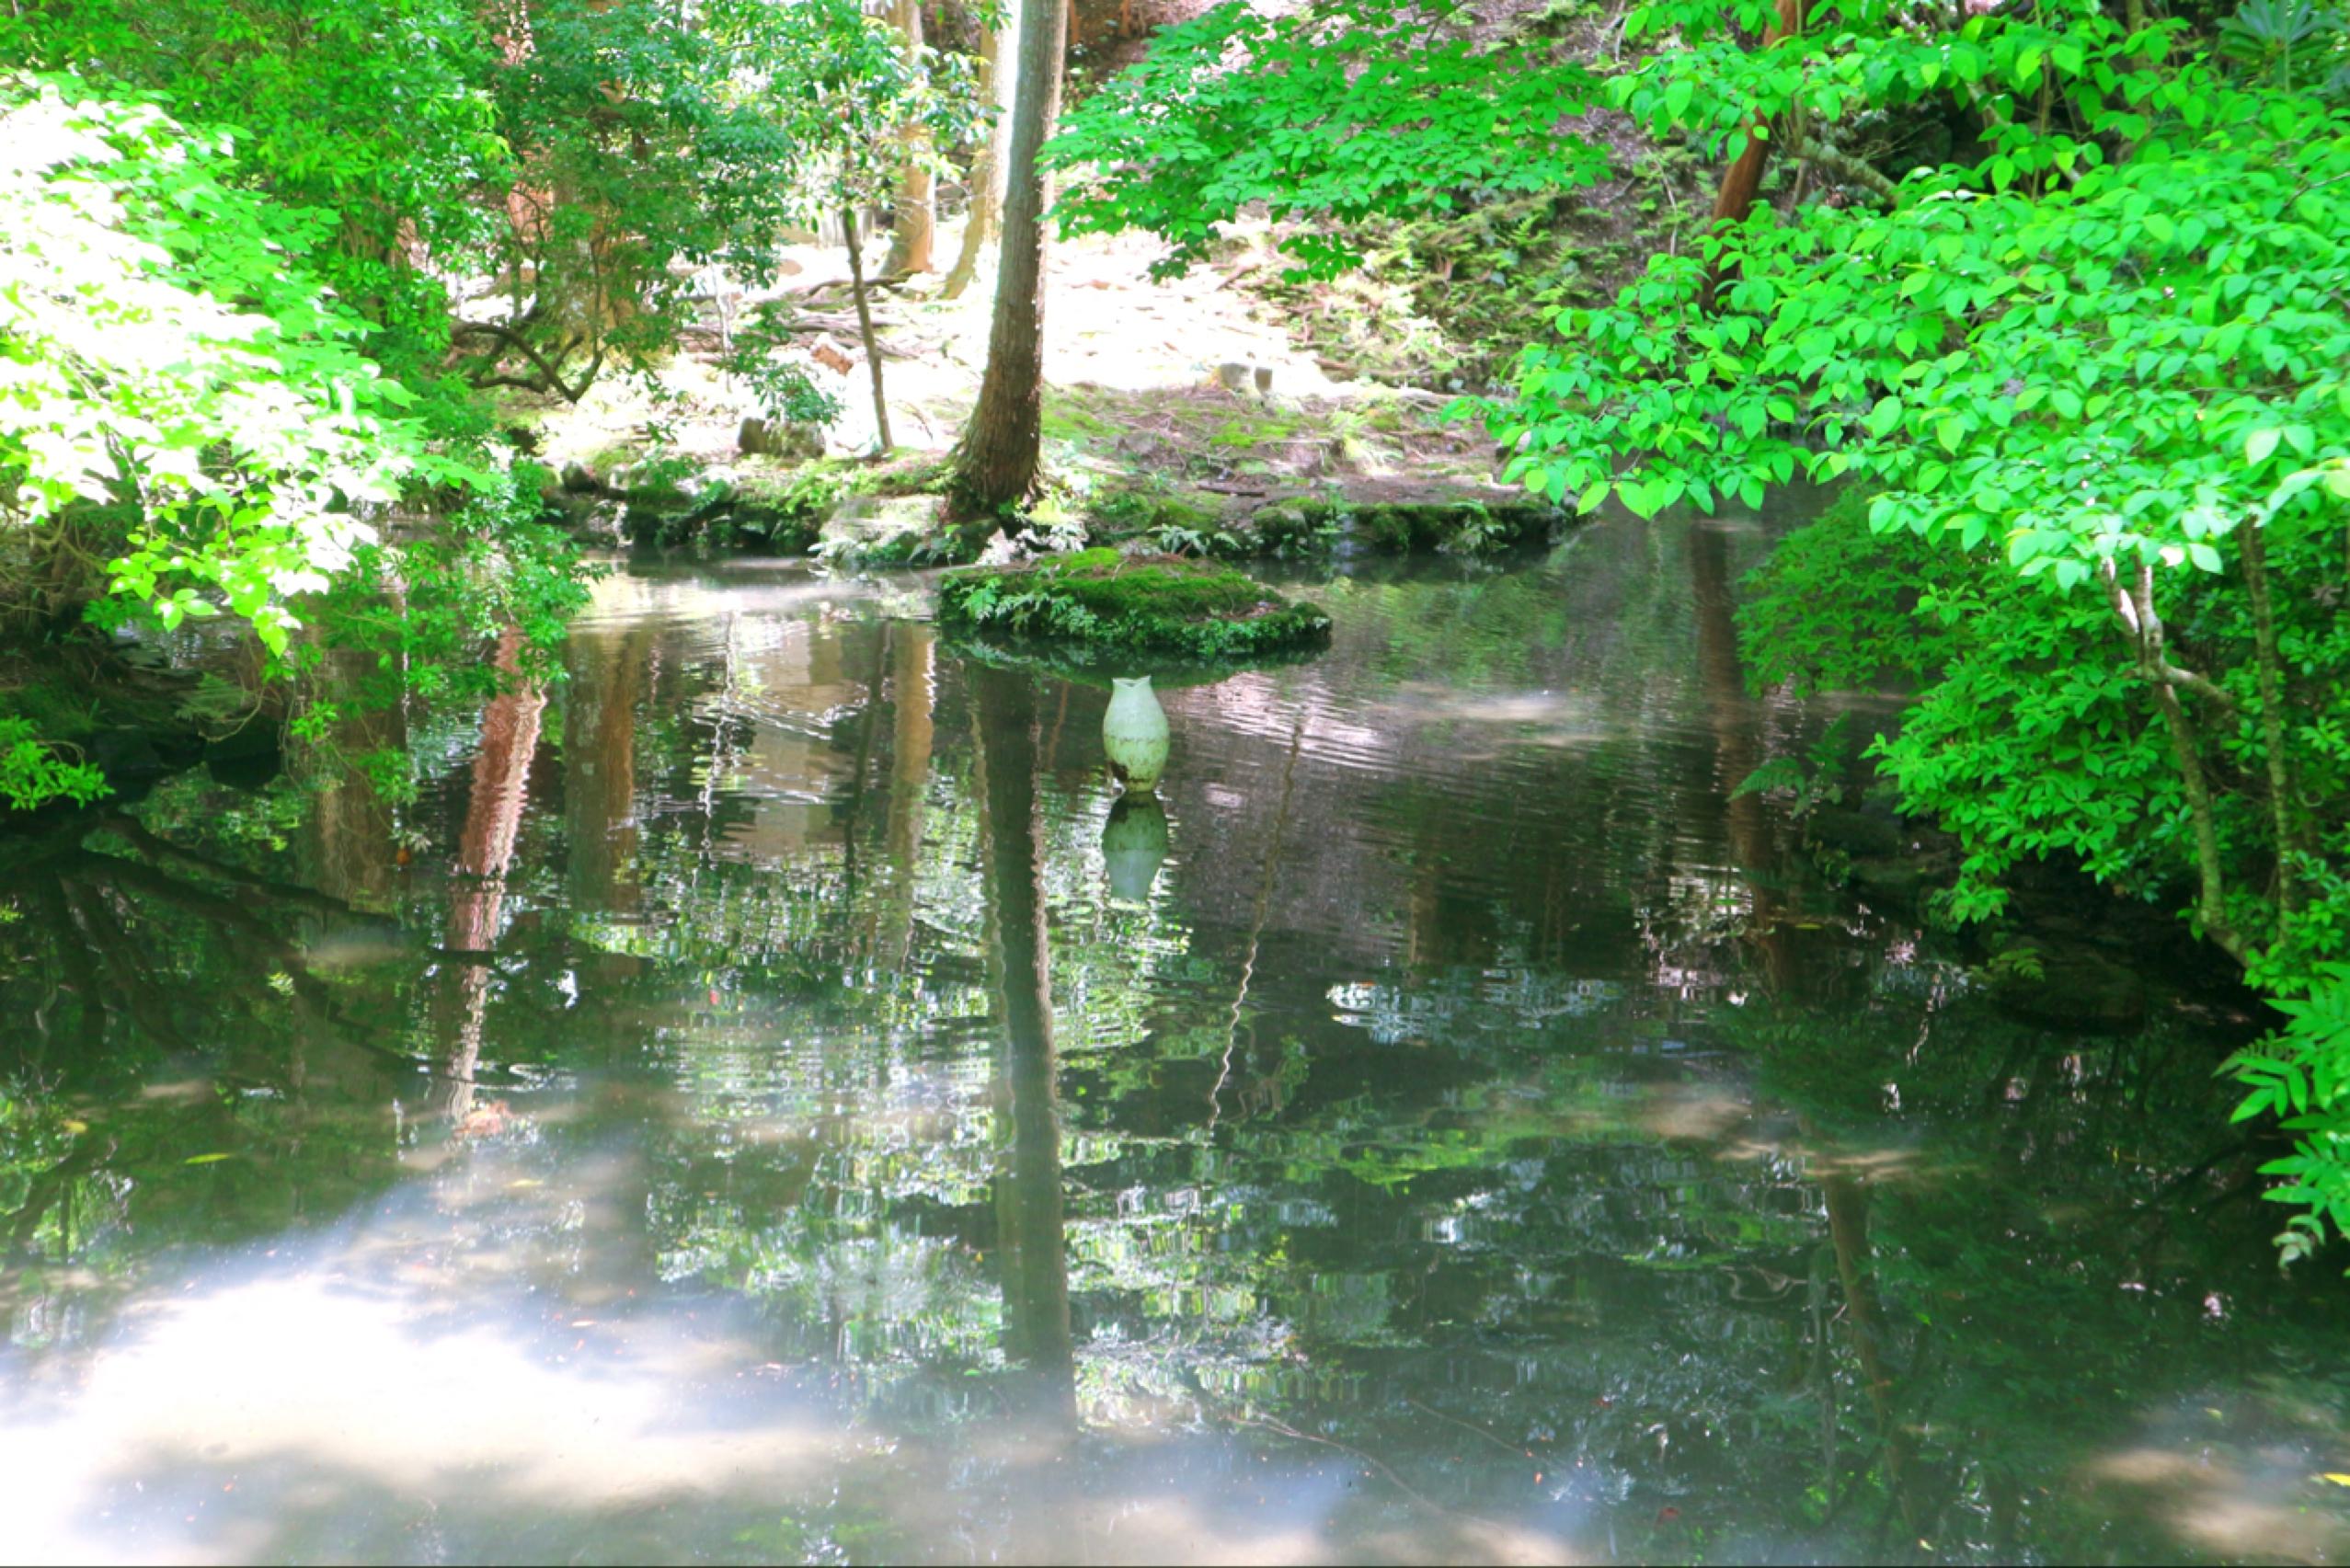 映入眼簾的碧綠水面